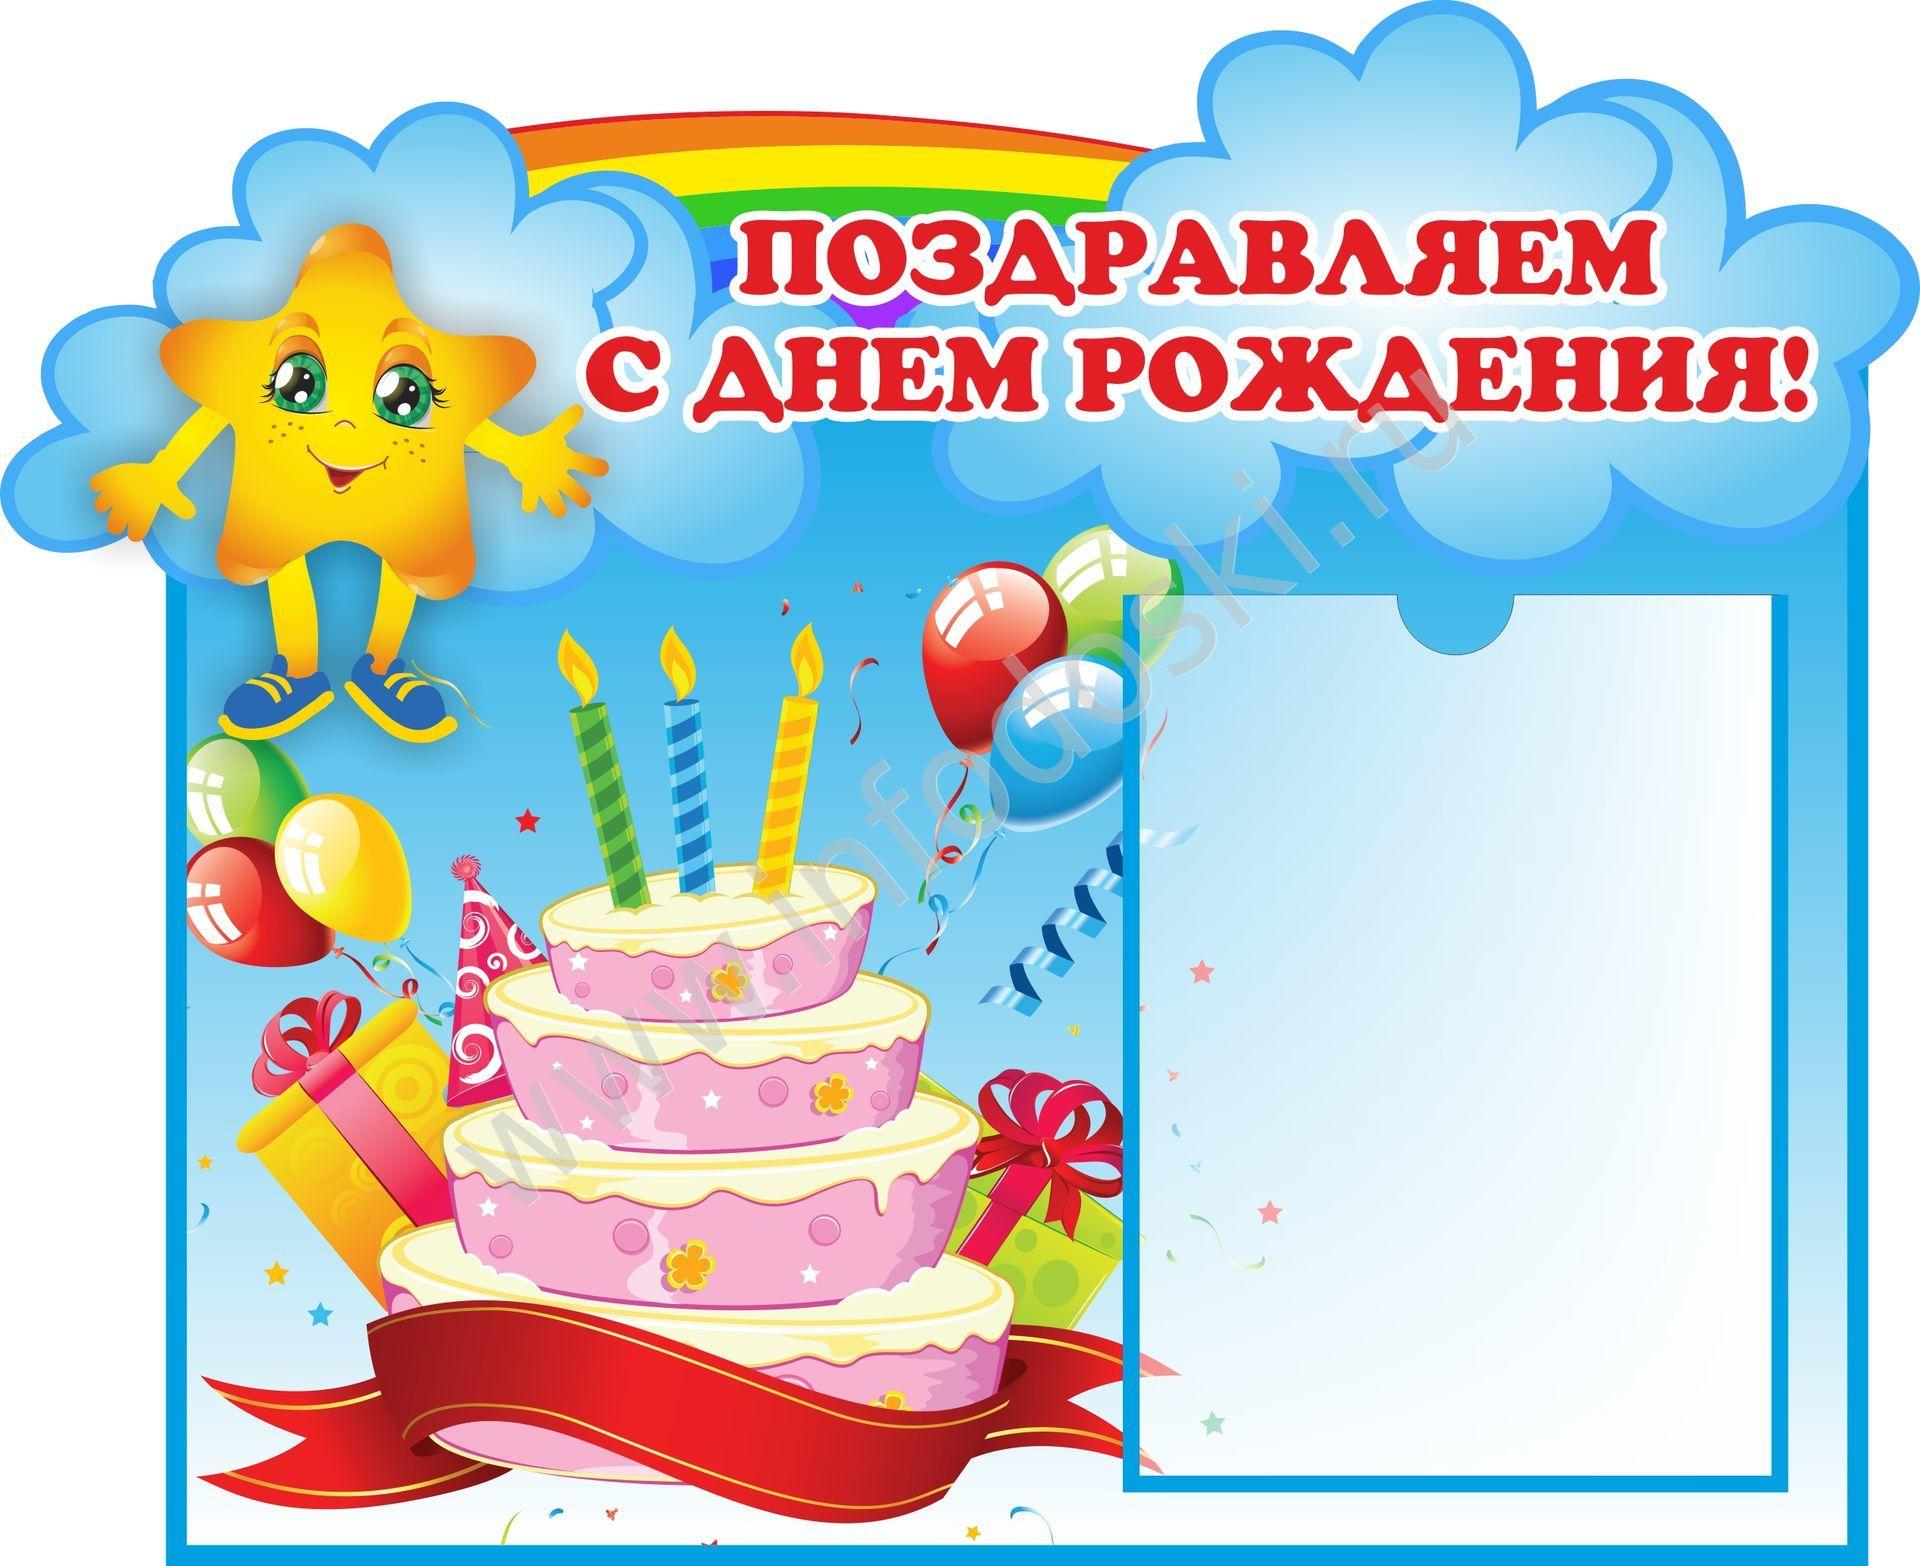 Поздравление на стенд с днем рождения